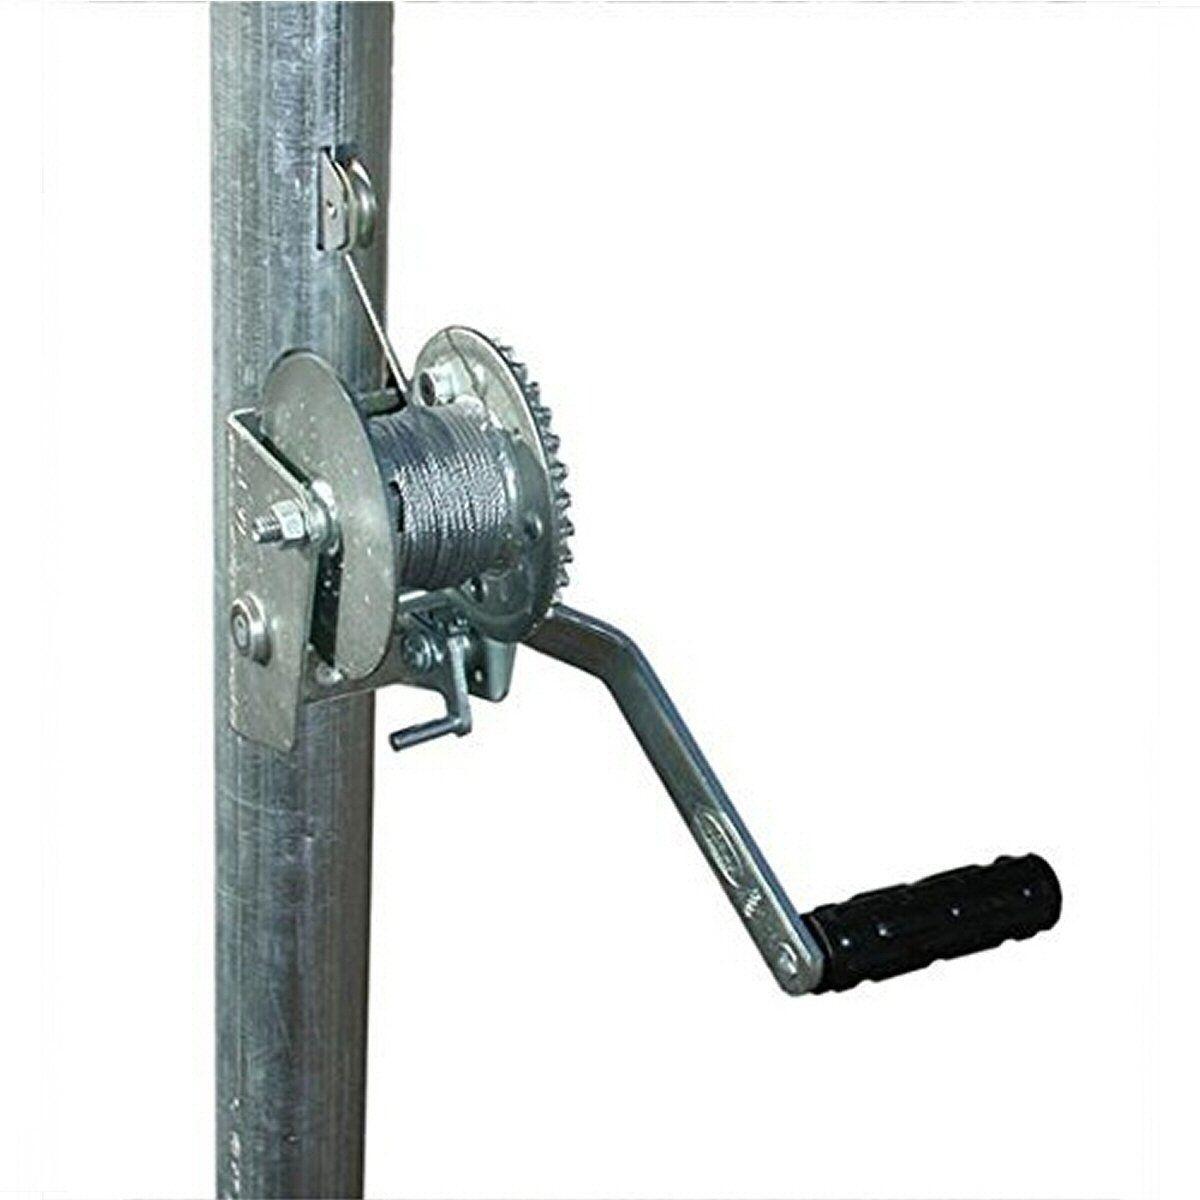 Los Angeles Garage Security Door Broken Spring Cable